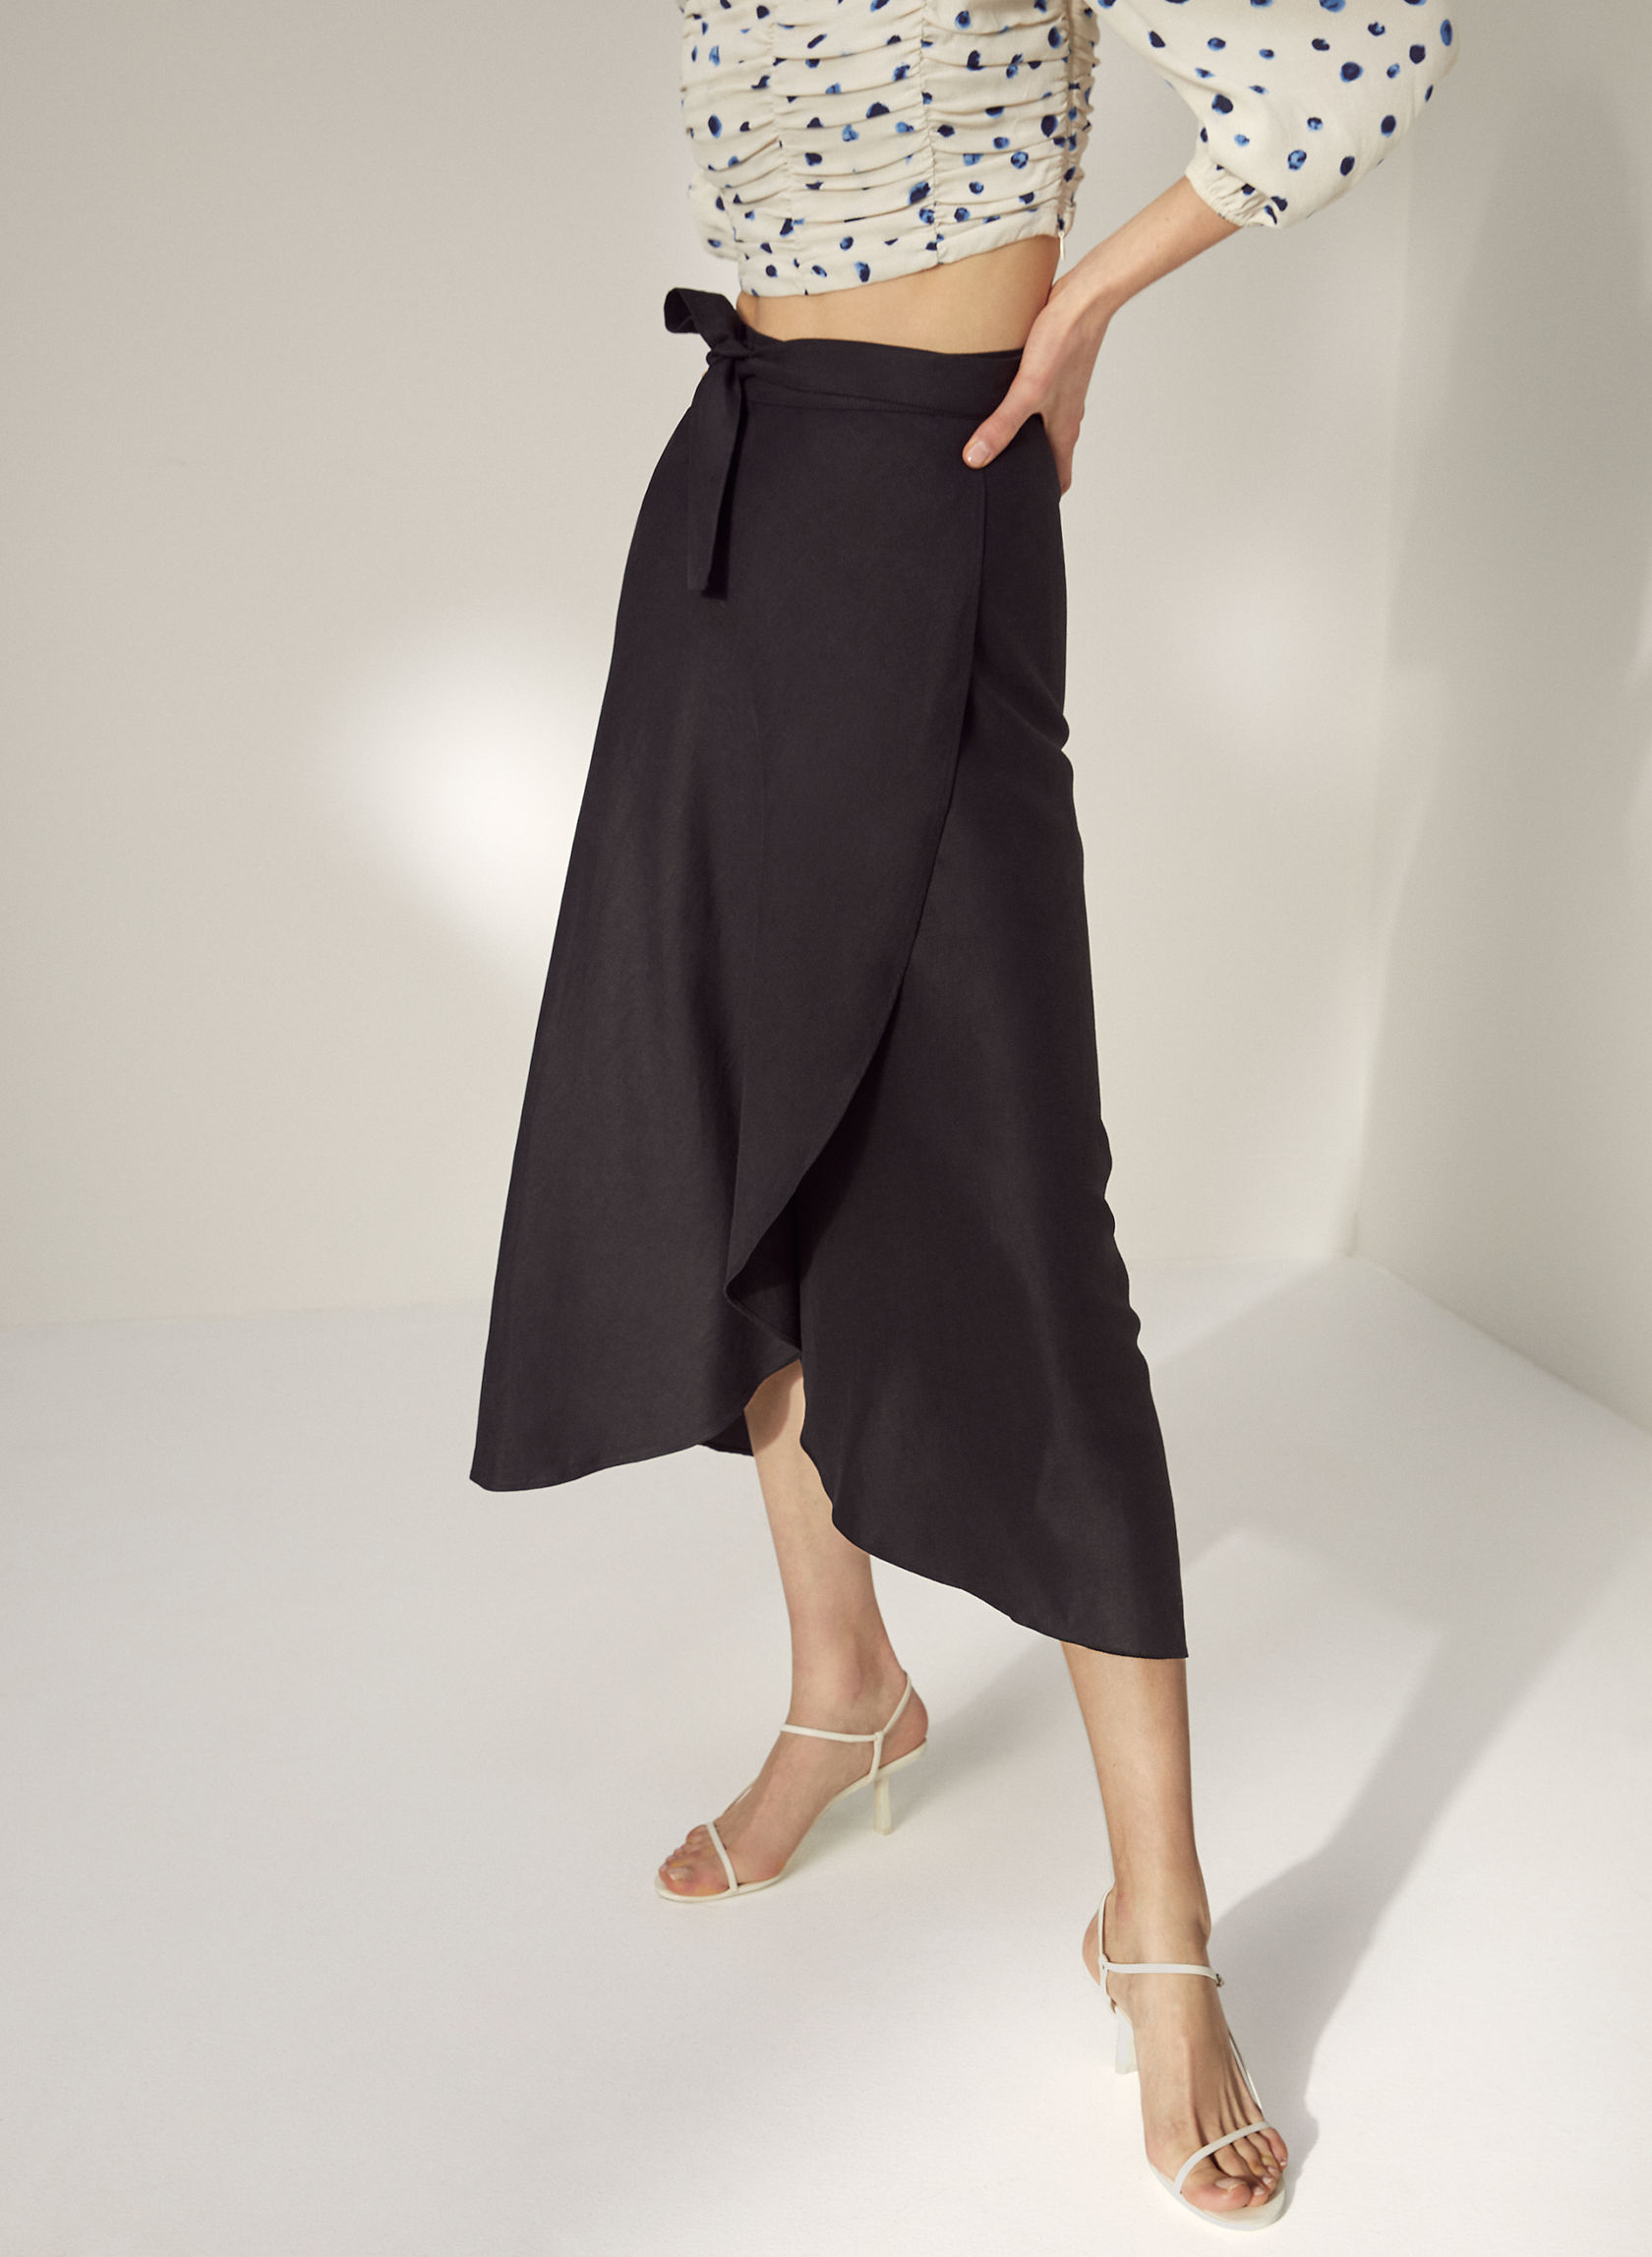 ELETA SKIRT - Linen wrap skirt